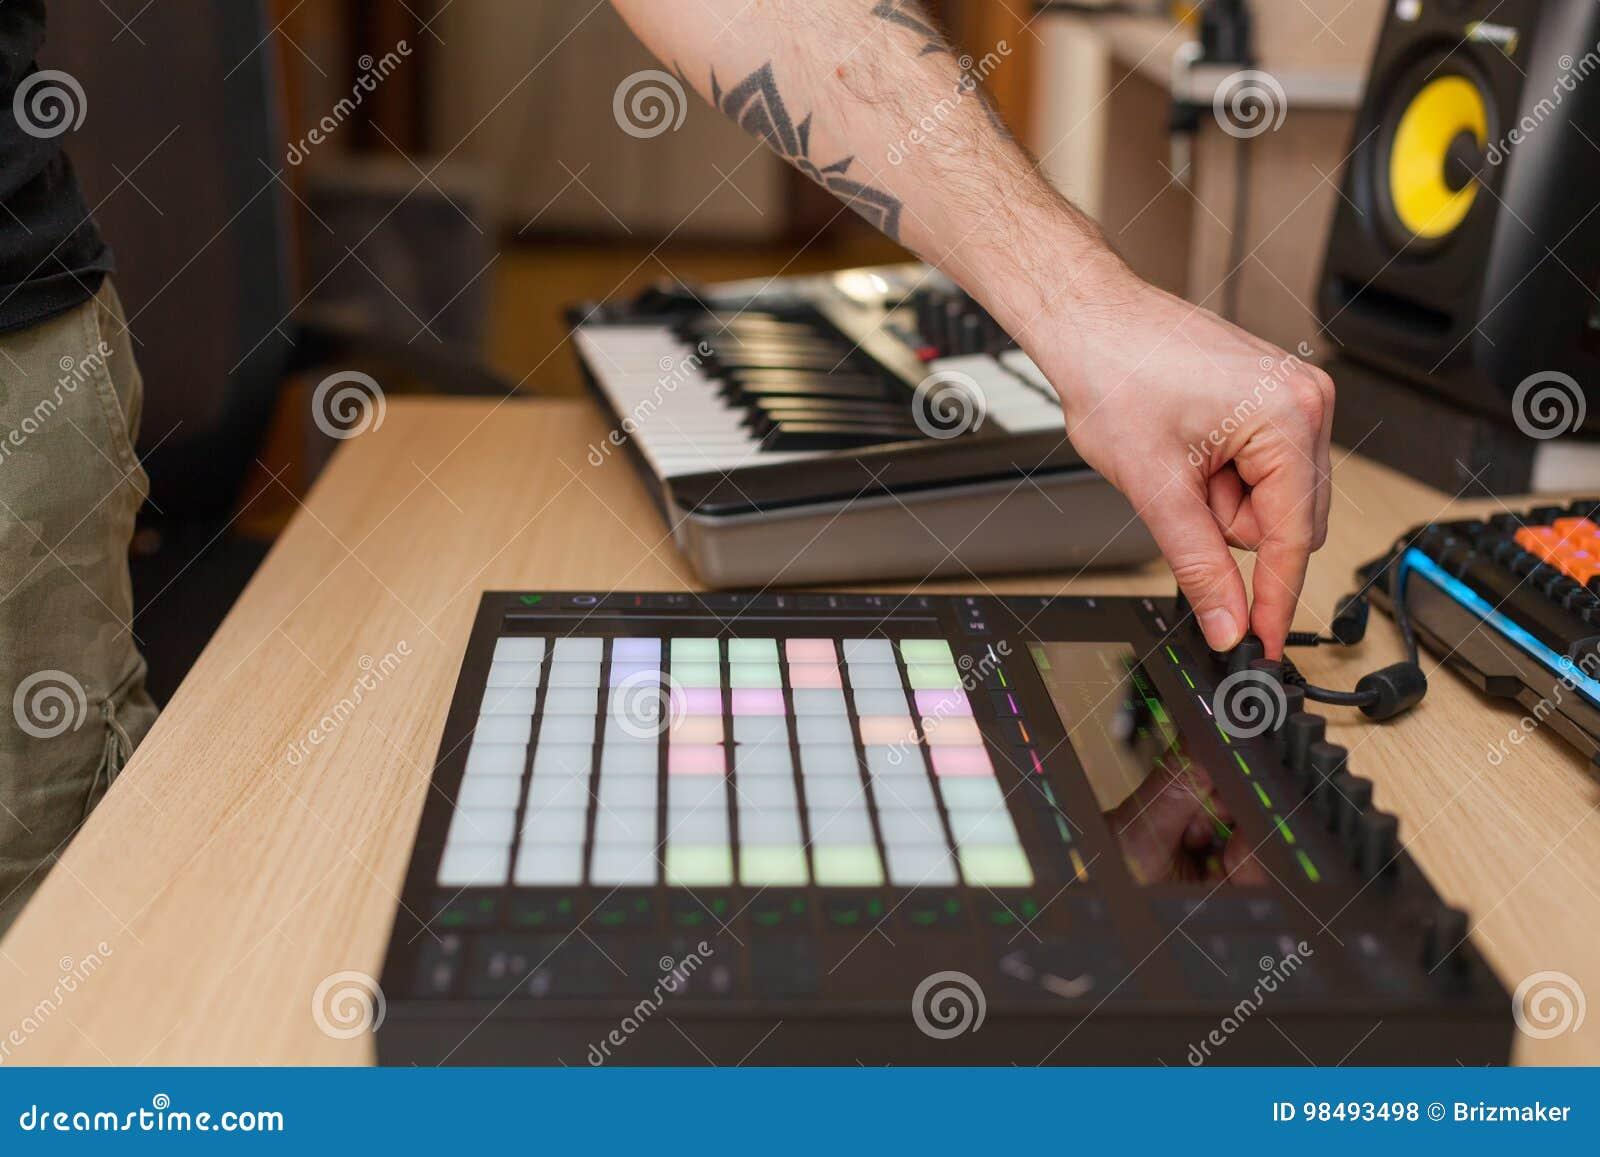 Ο παραγωγός κάνει μια μουσική στον επαγγελματικό ελεγκτή παραγωγής με τα μαξιλάρια κουμπιών ώθησης